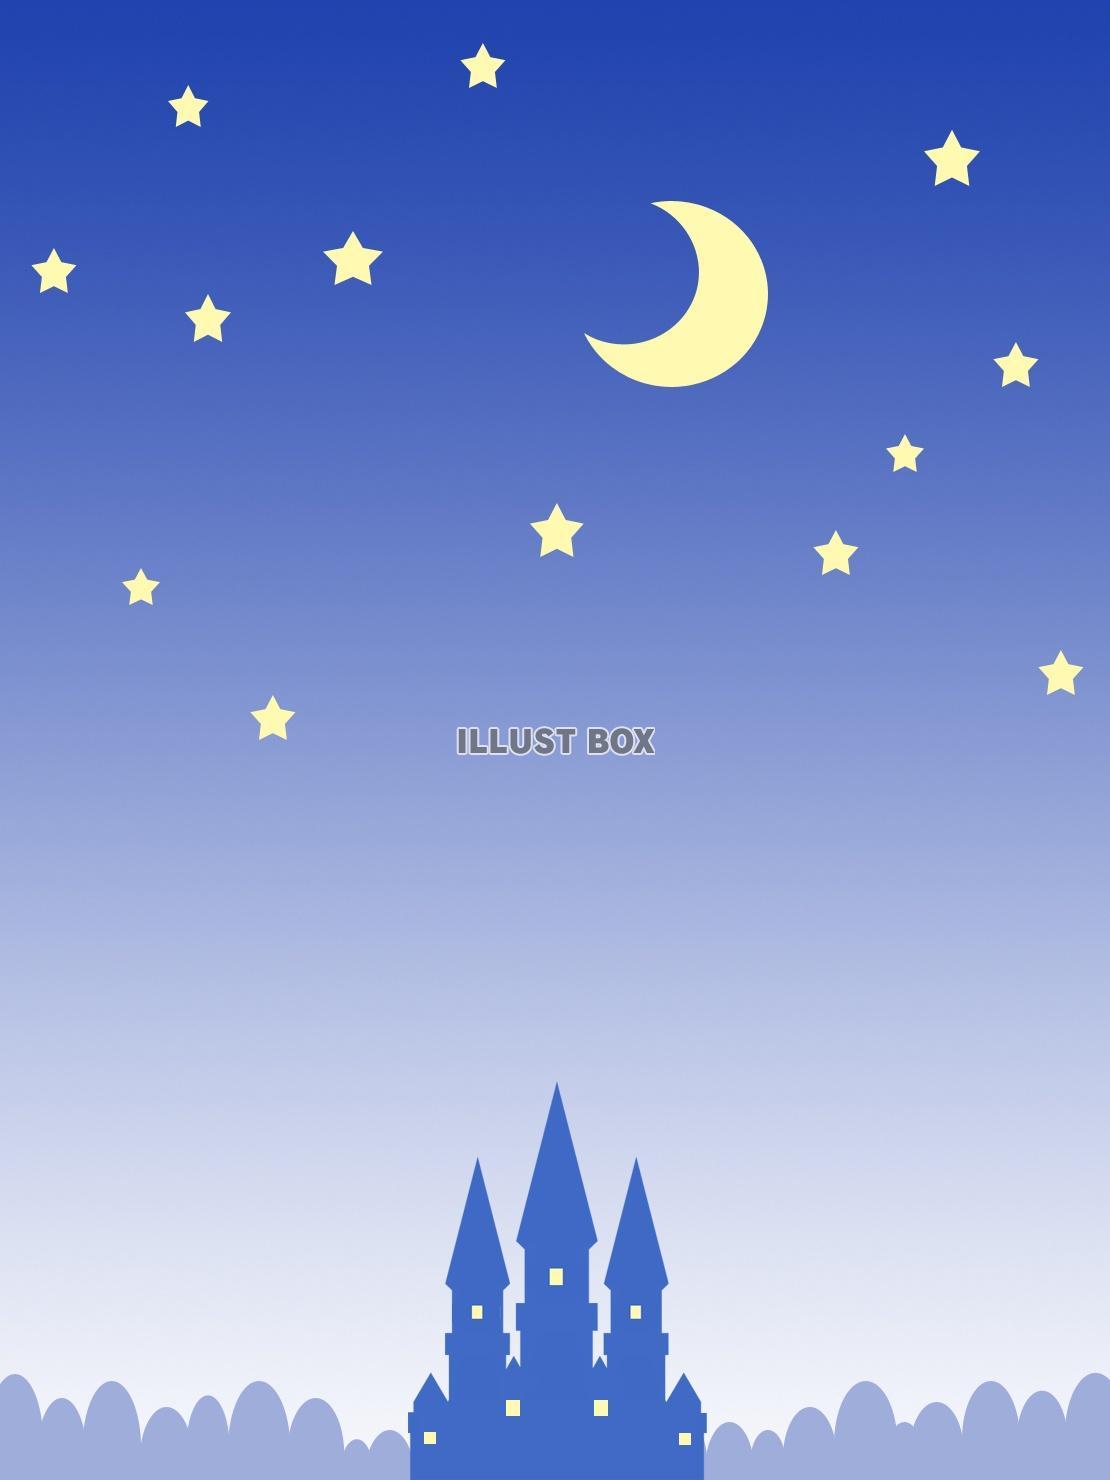 無料イラスト 夜景シルエット壁紙、星空イラスト背景素材